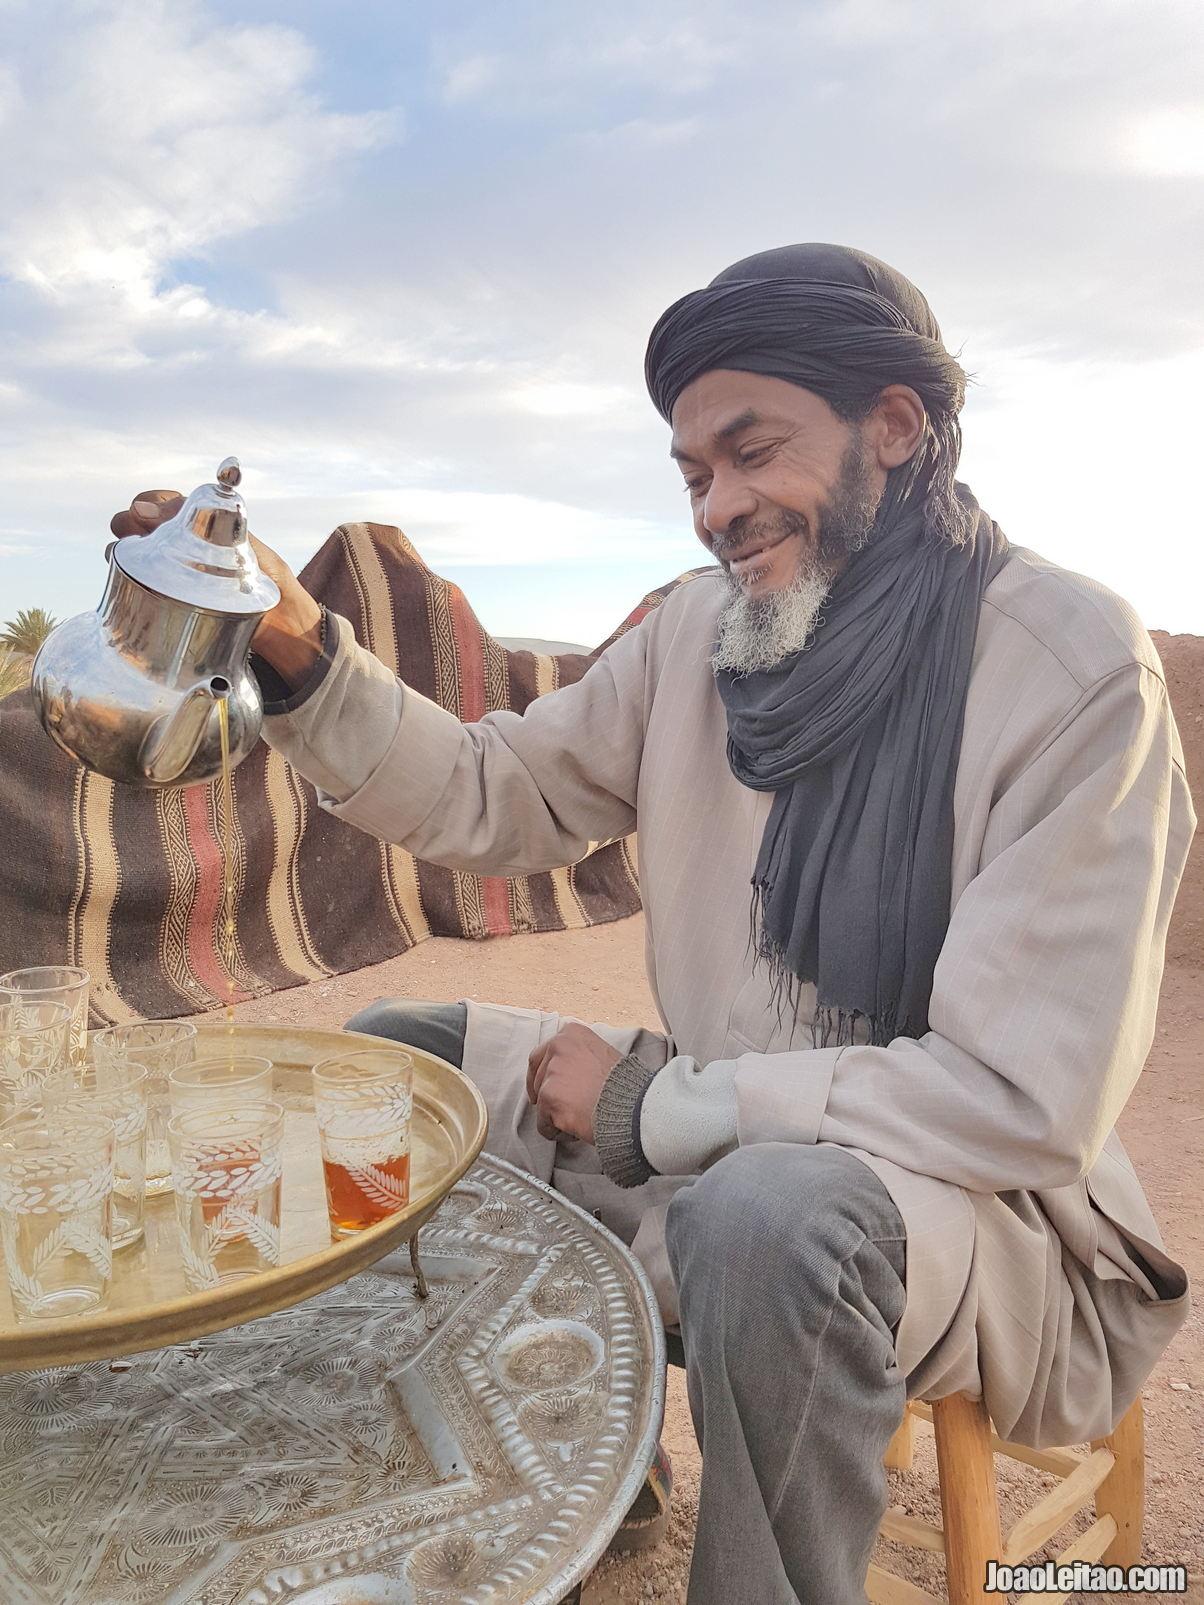 Marrocos • Guia de Viagem • O que Visitar em Marrocos 2